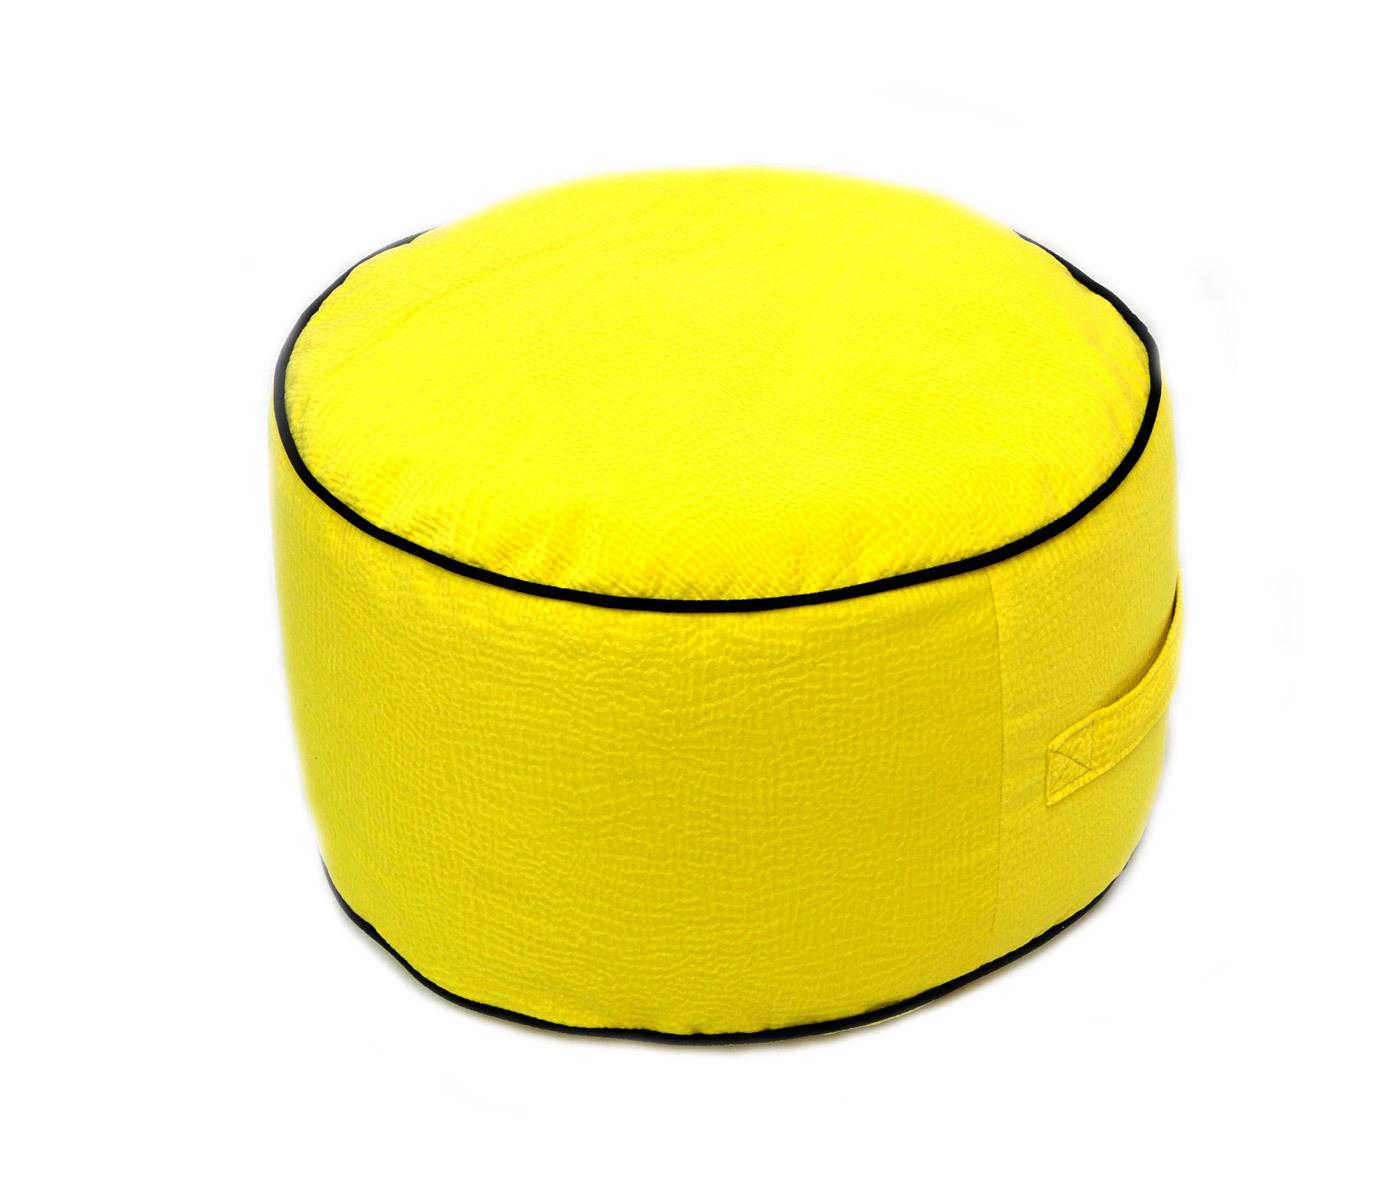 Круглый пуф Солнечное настроениеФорменные пуфы<br>Очень веселый и жизнерадостный  и легкий (900 гр)пуфик украсит любую комнату вашего дома. Он имеет сьемный чехол для легкой стирки, а так же ручку для того что бы с легкостью переносить его.<br><br>Material: Текстиль<br>Ширина см: 22<br>Высота см: 30<br>Глубина см: 30